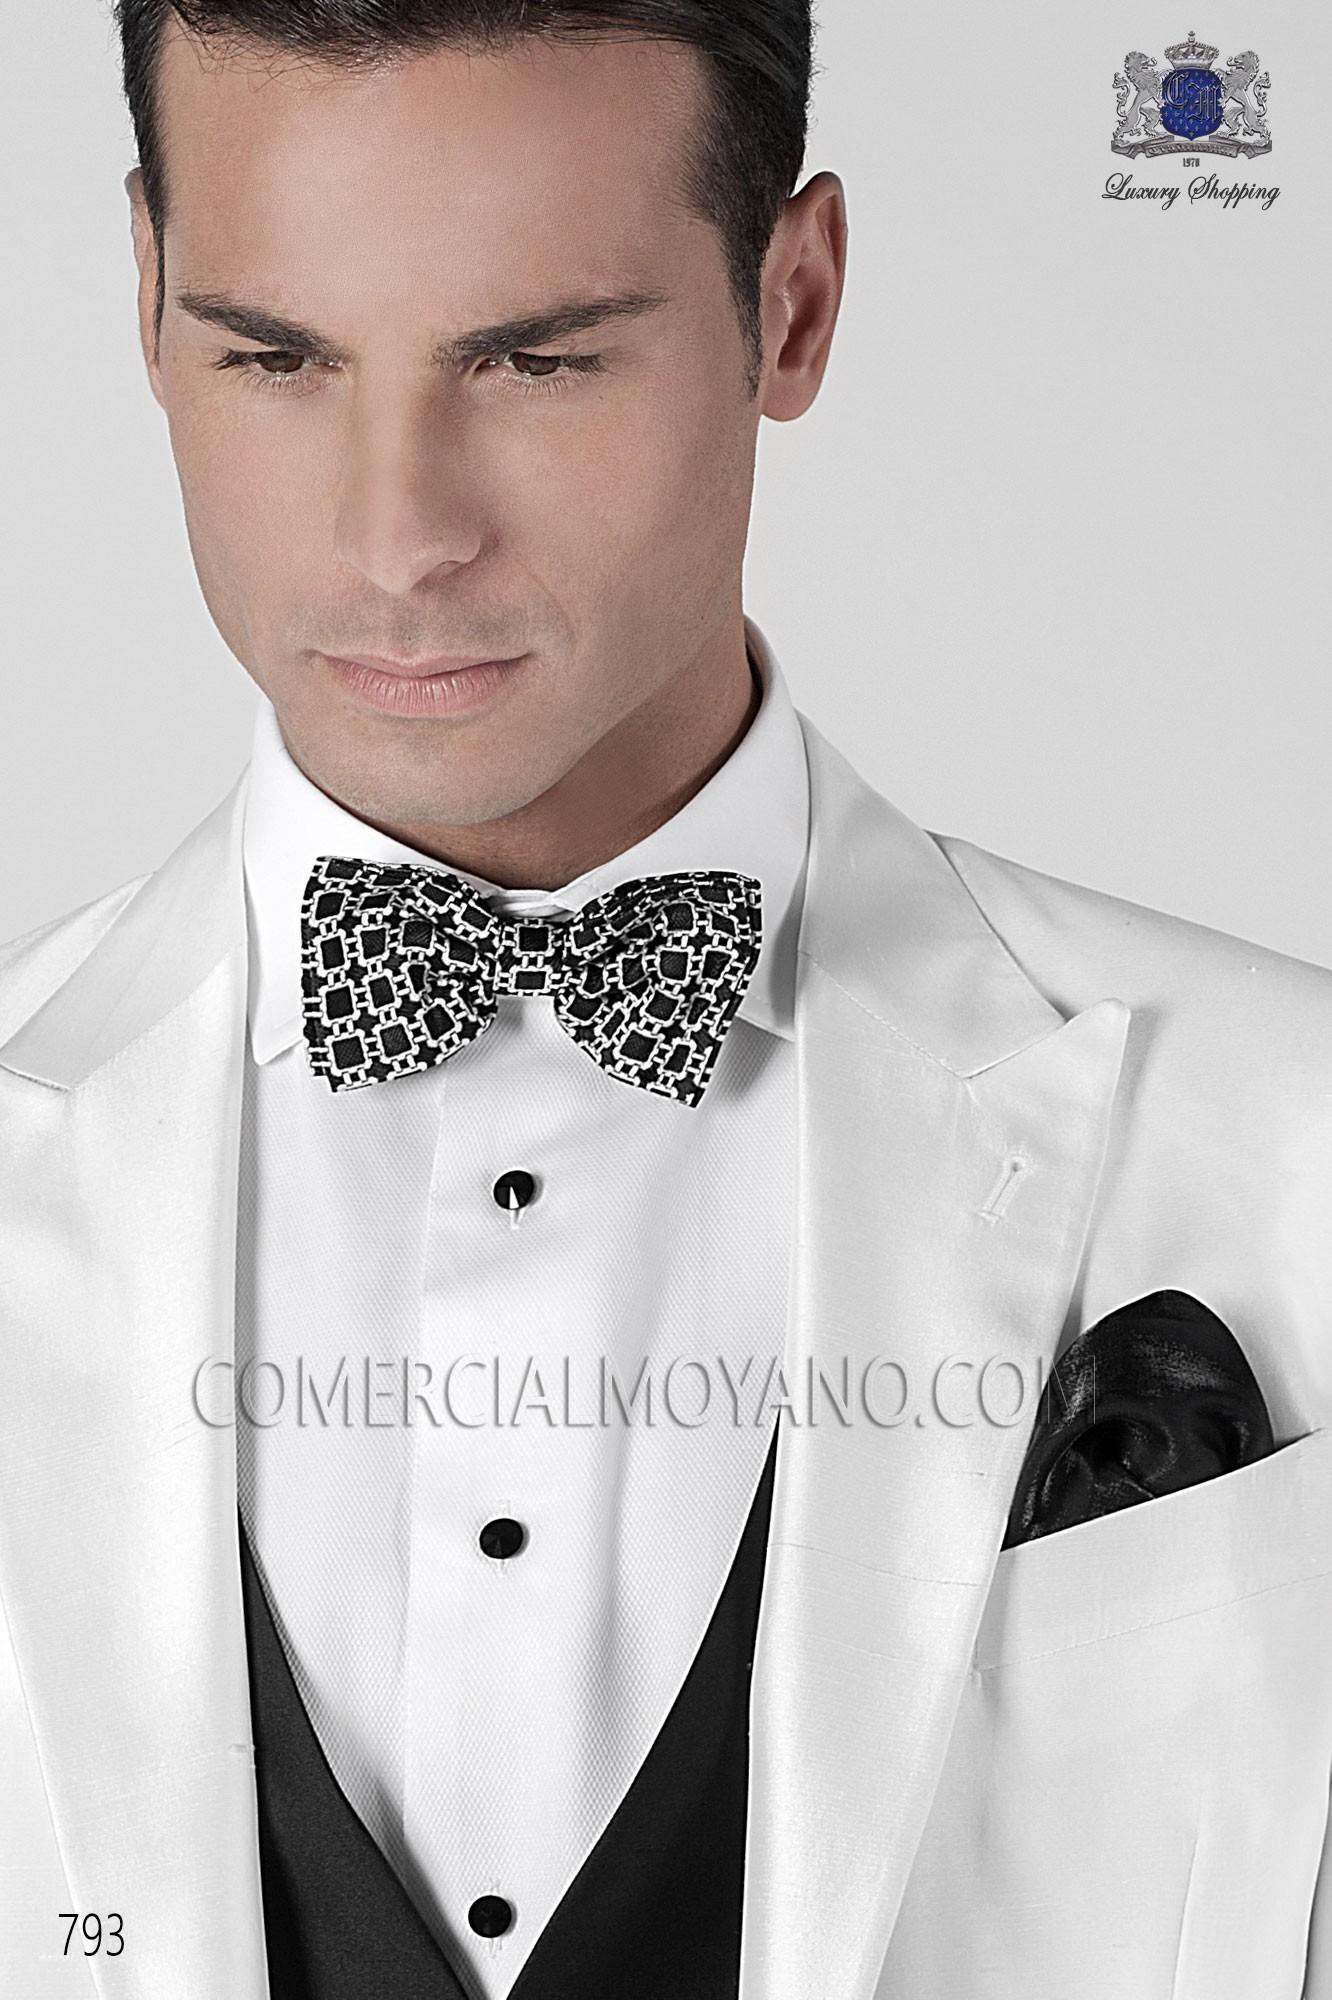 Traje BlackTie de novio blanco modelo: 793 Ottavio Nuccio Gala colección Black Tie